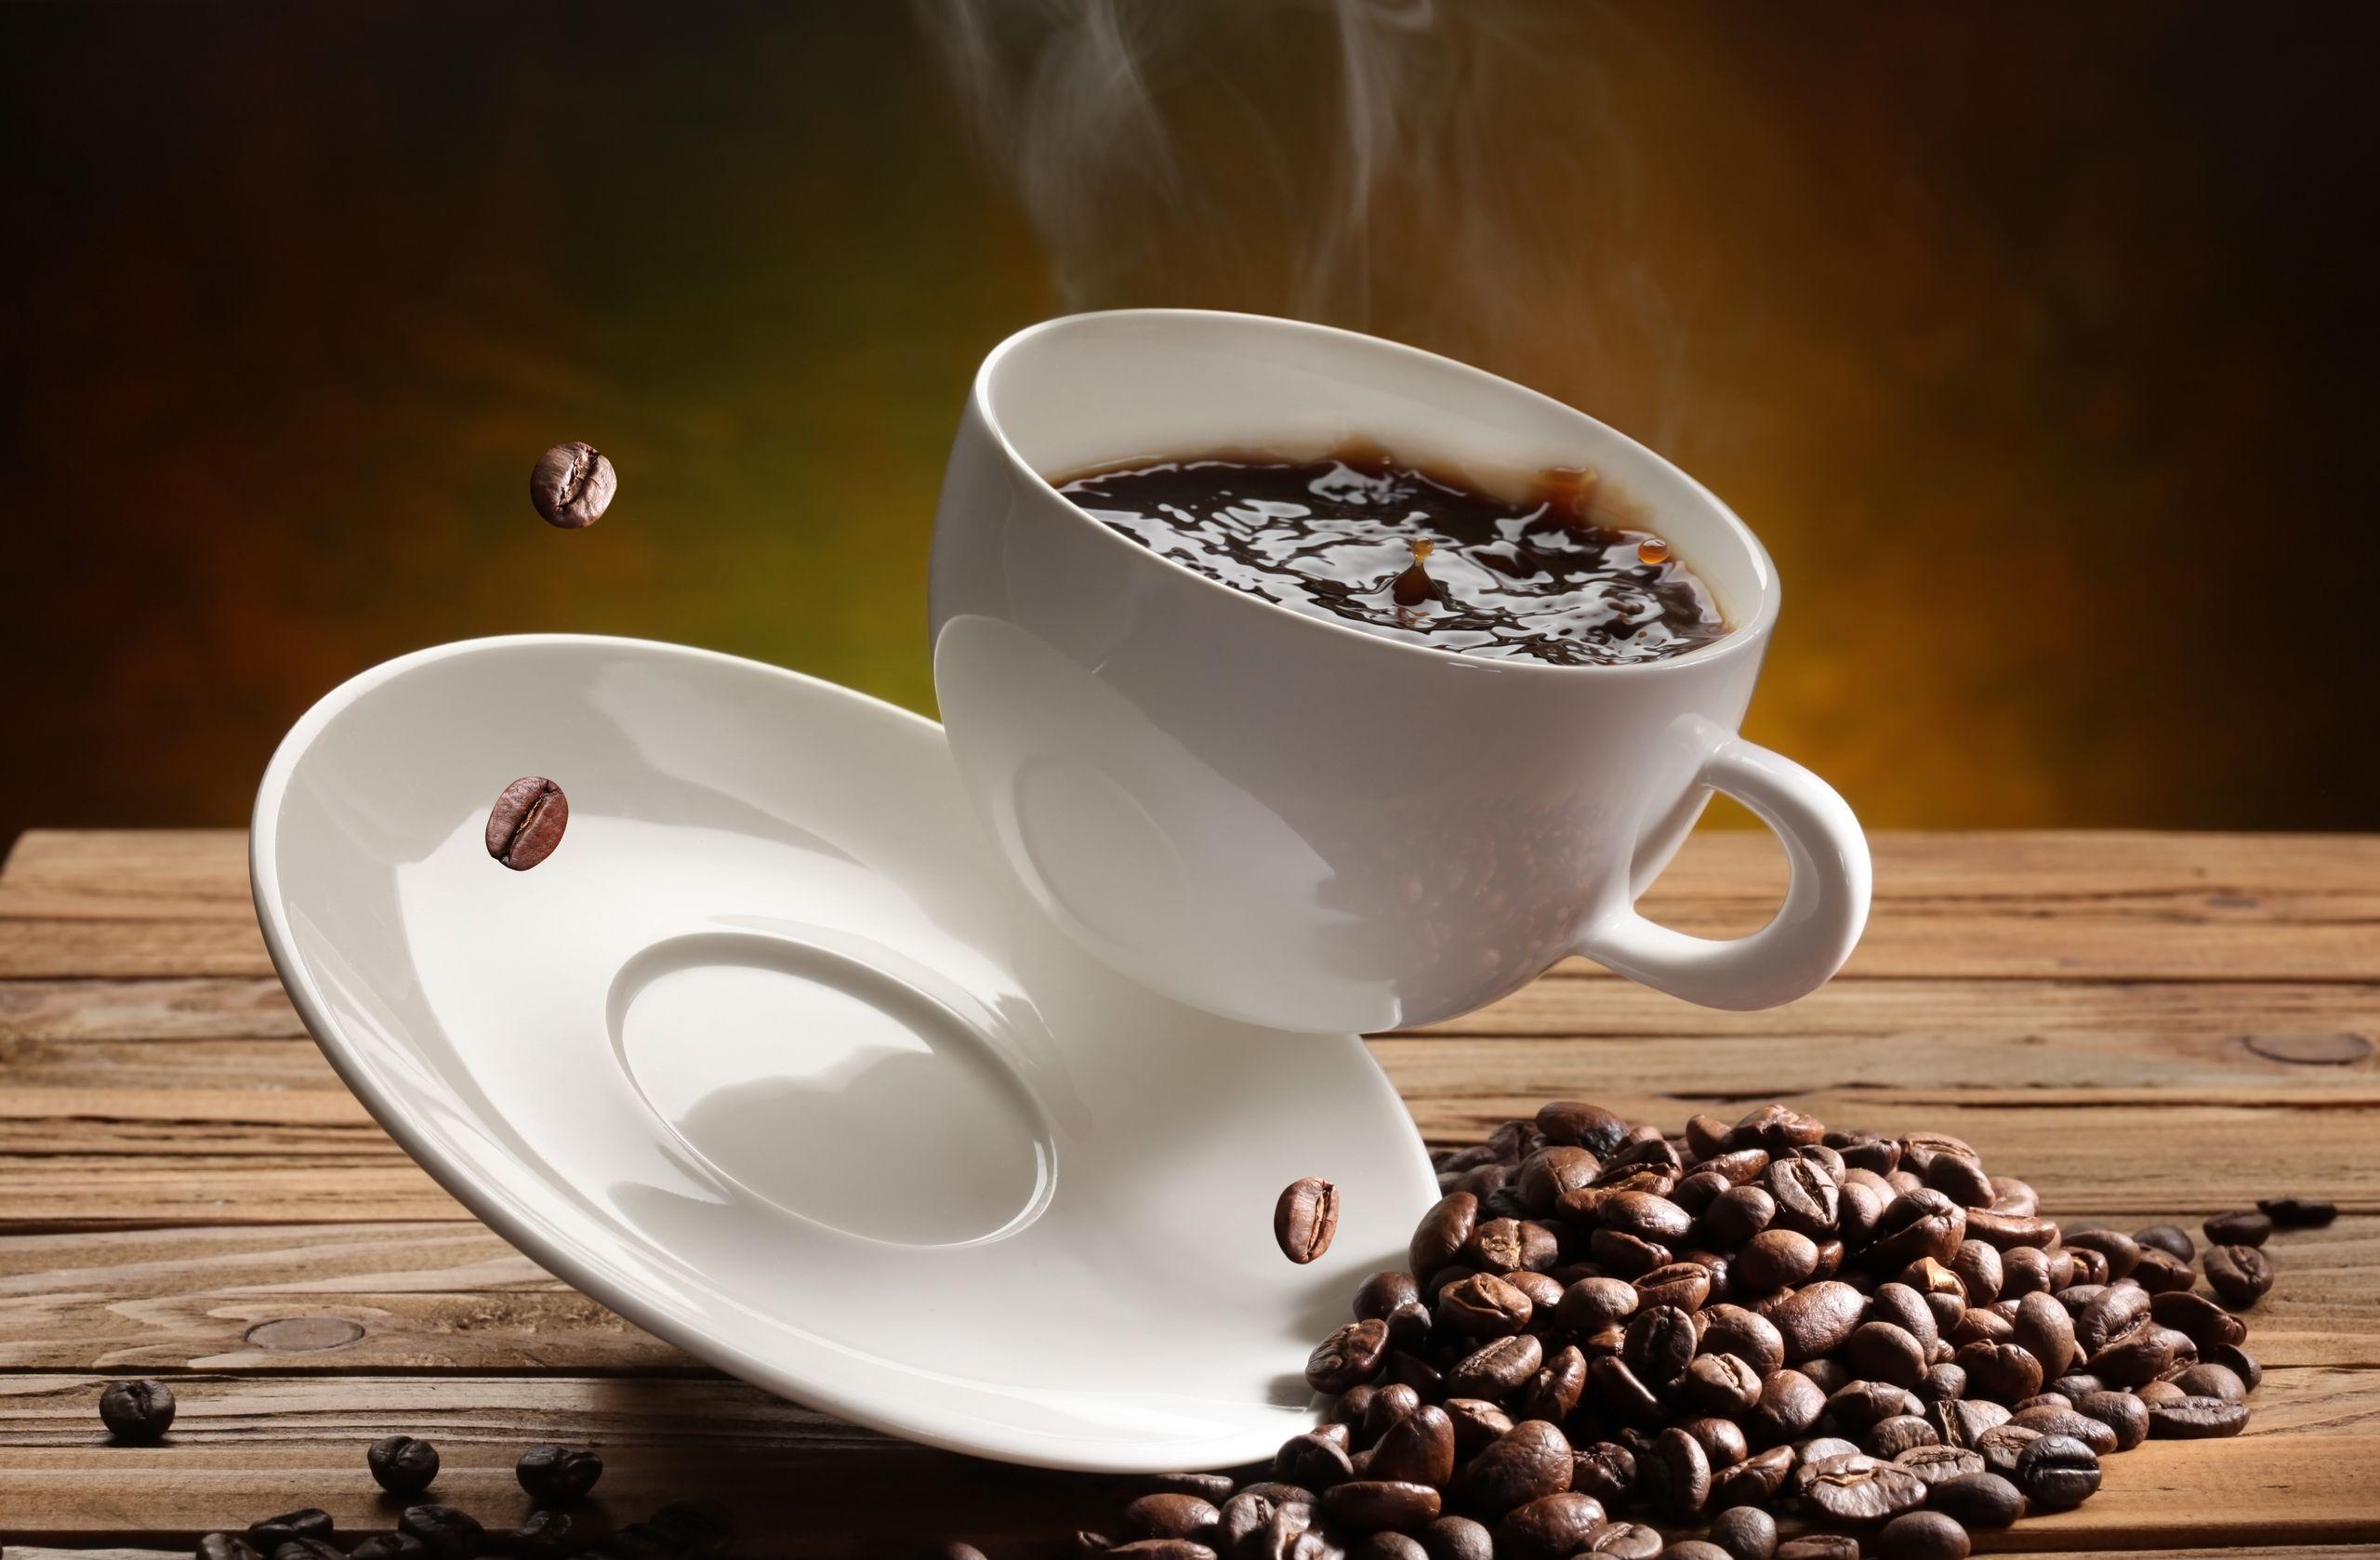 кофе чашка блюдце  № 2172556 бесплатно